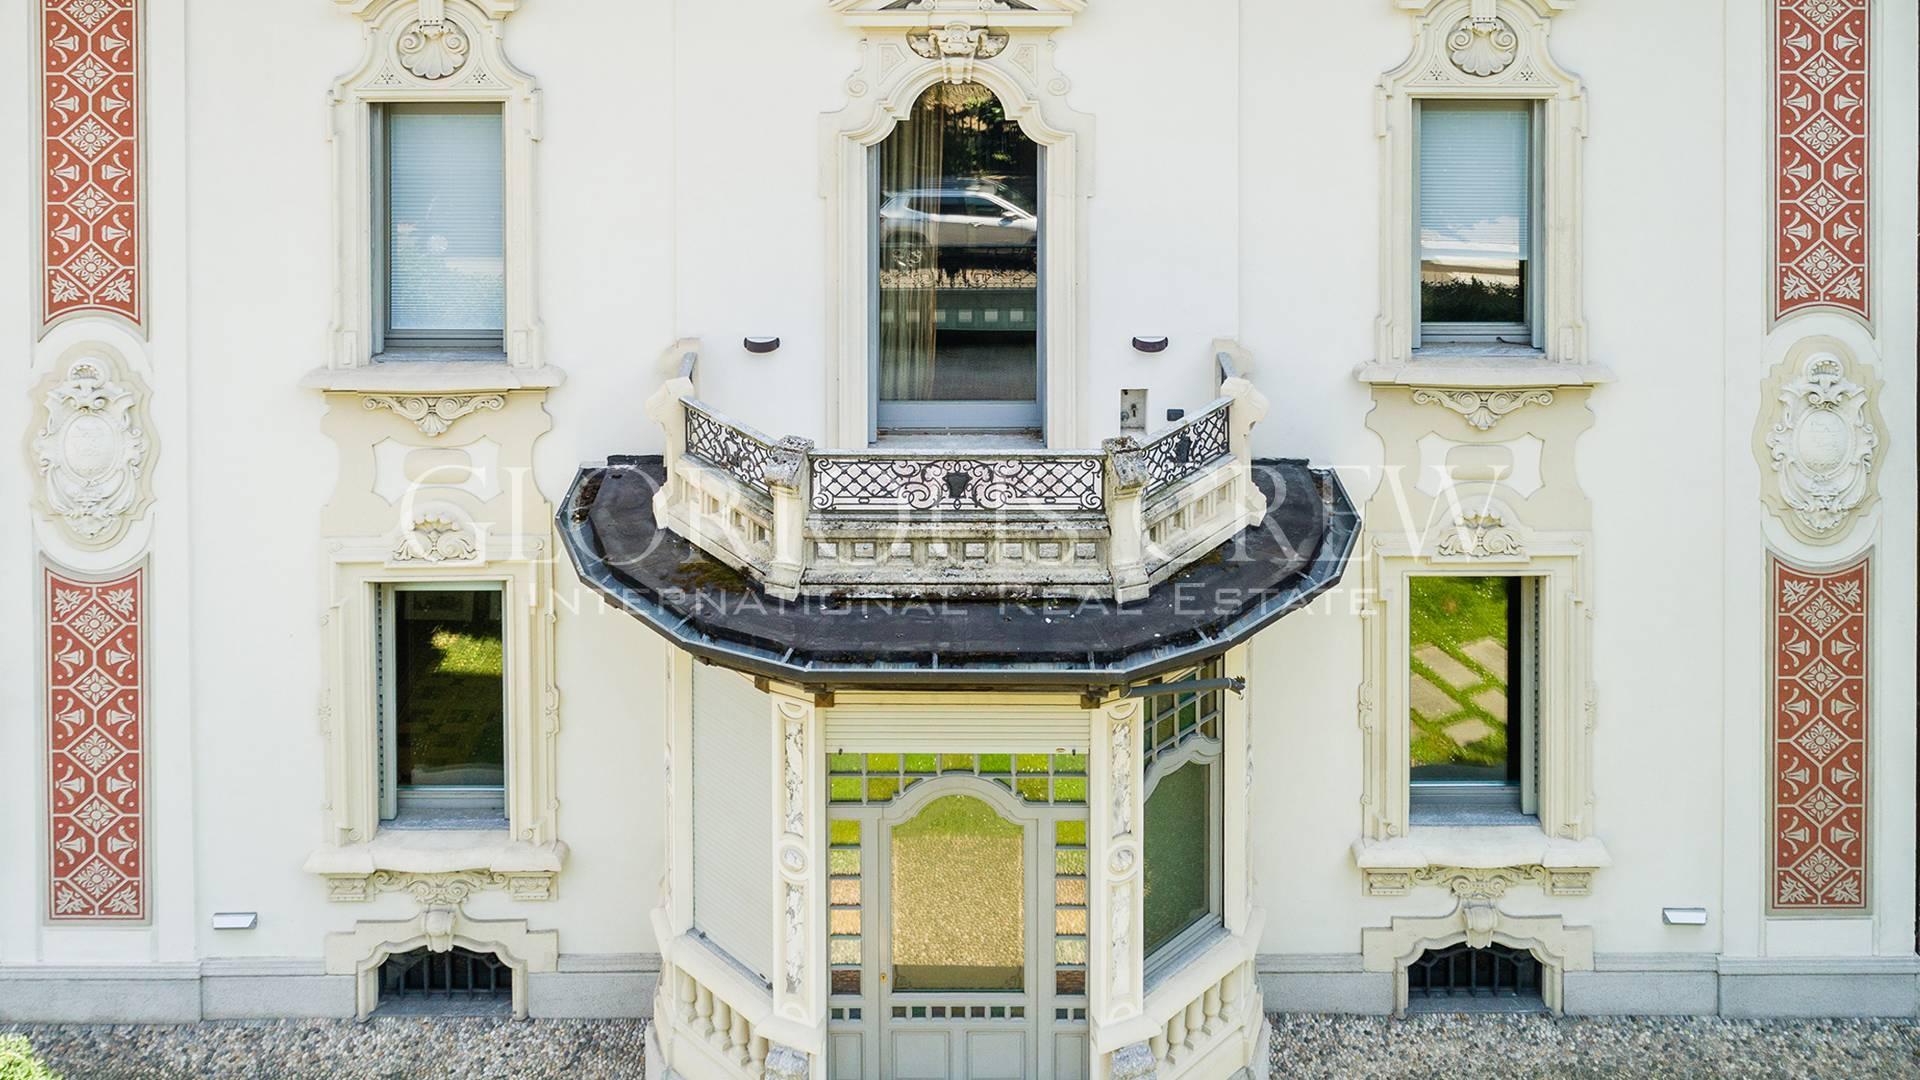 Villa in Vendita a Monza: 5 locali, 350 mq - Foto 4